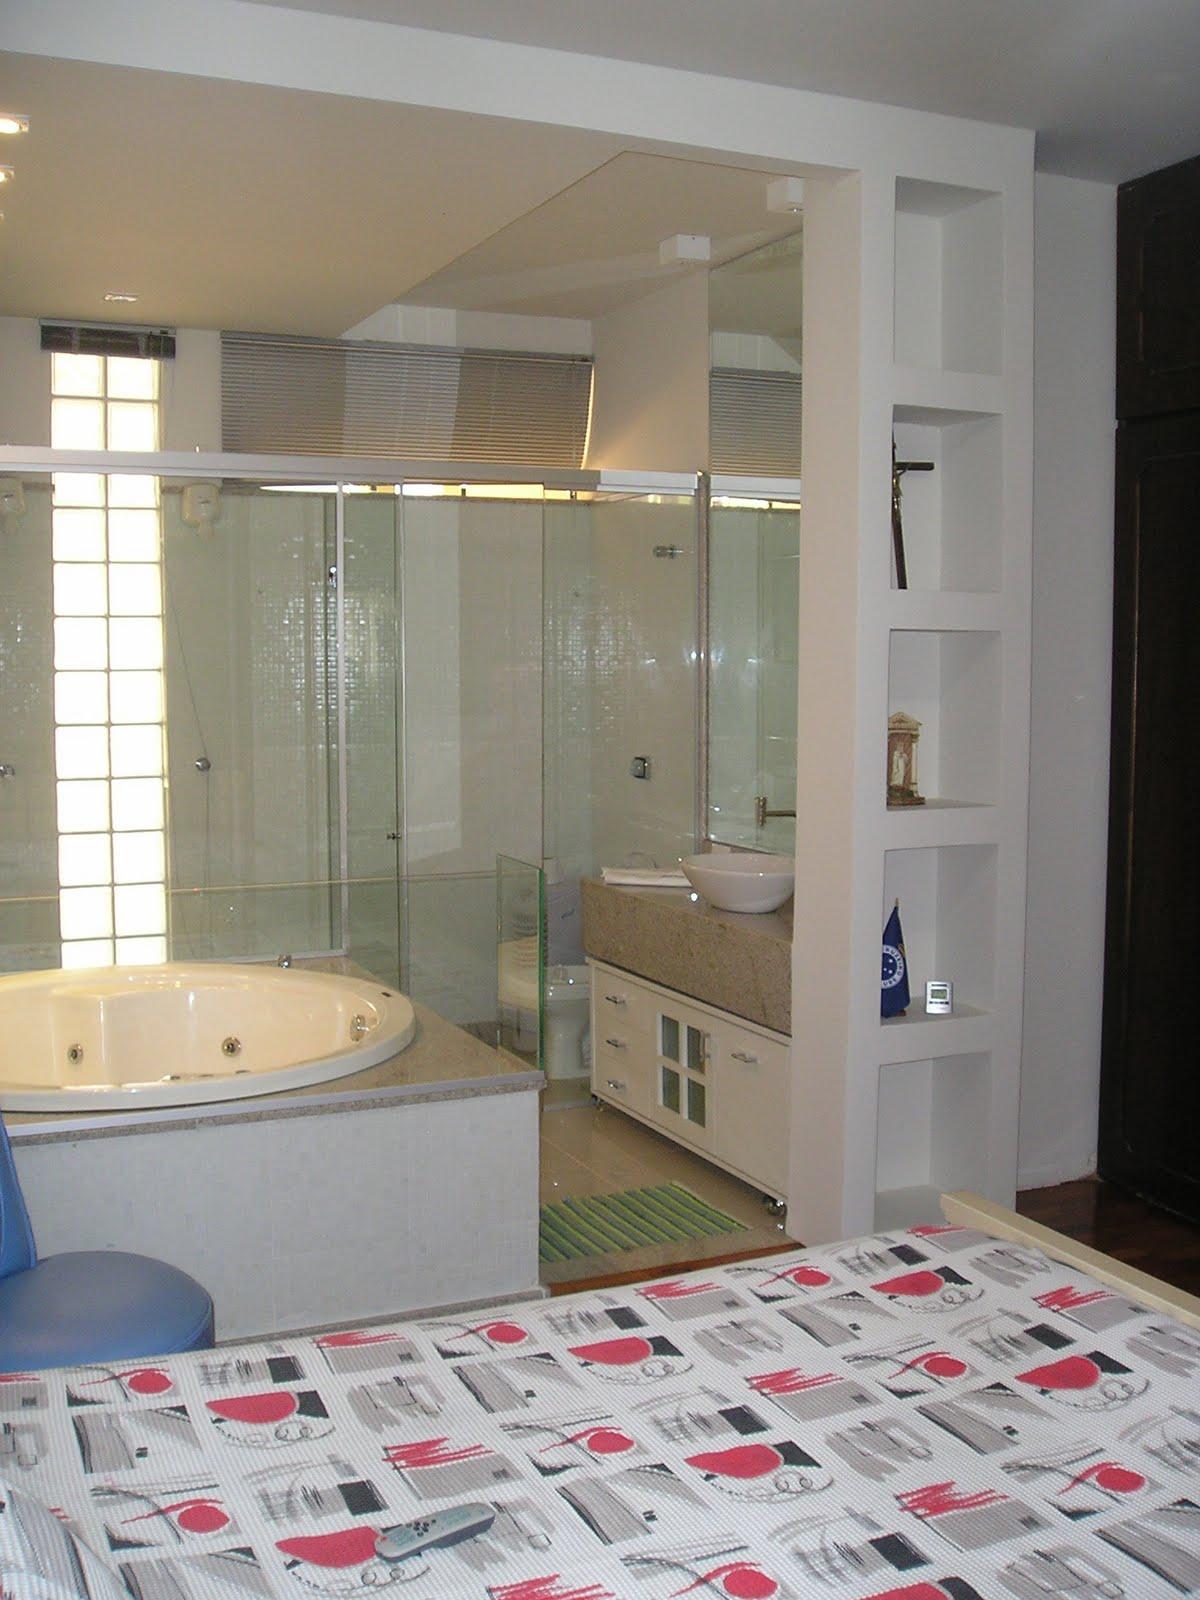 Restauro Decoração Paisagismo: Confira Projeto Banheiro Suite #93384A 1200 1600